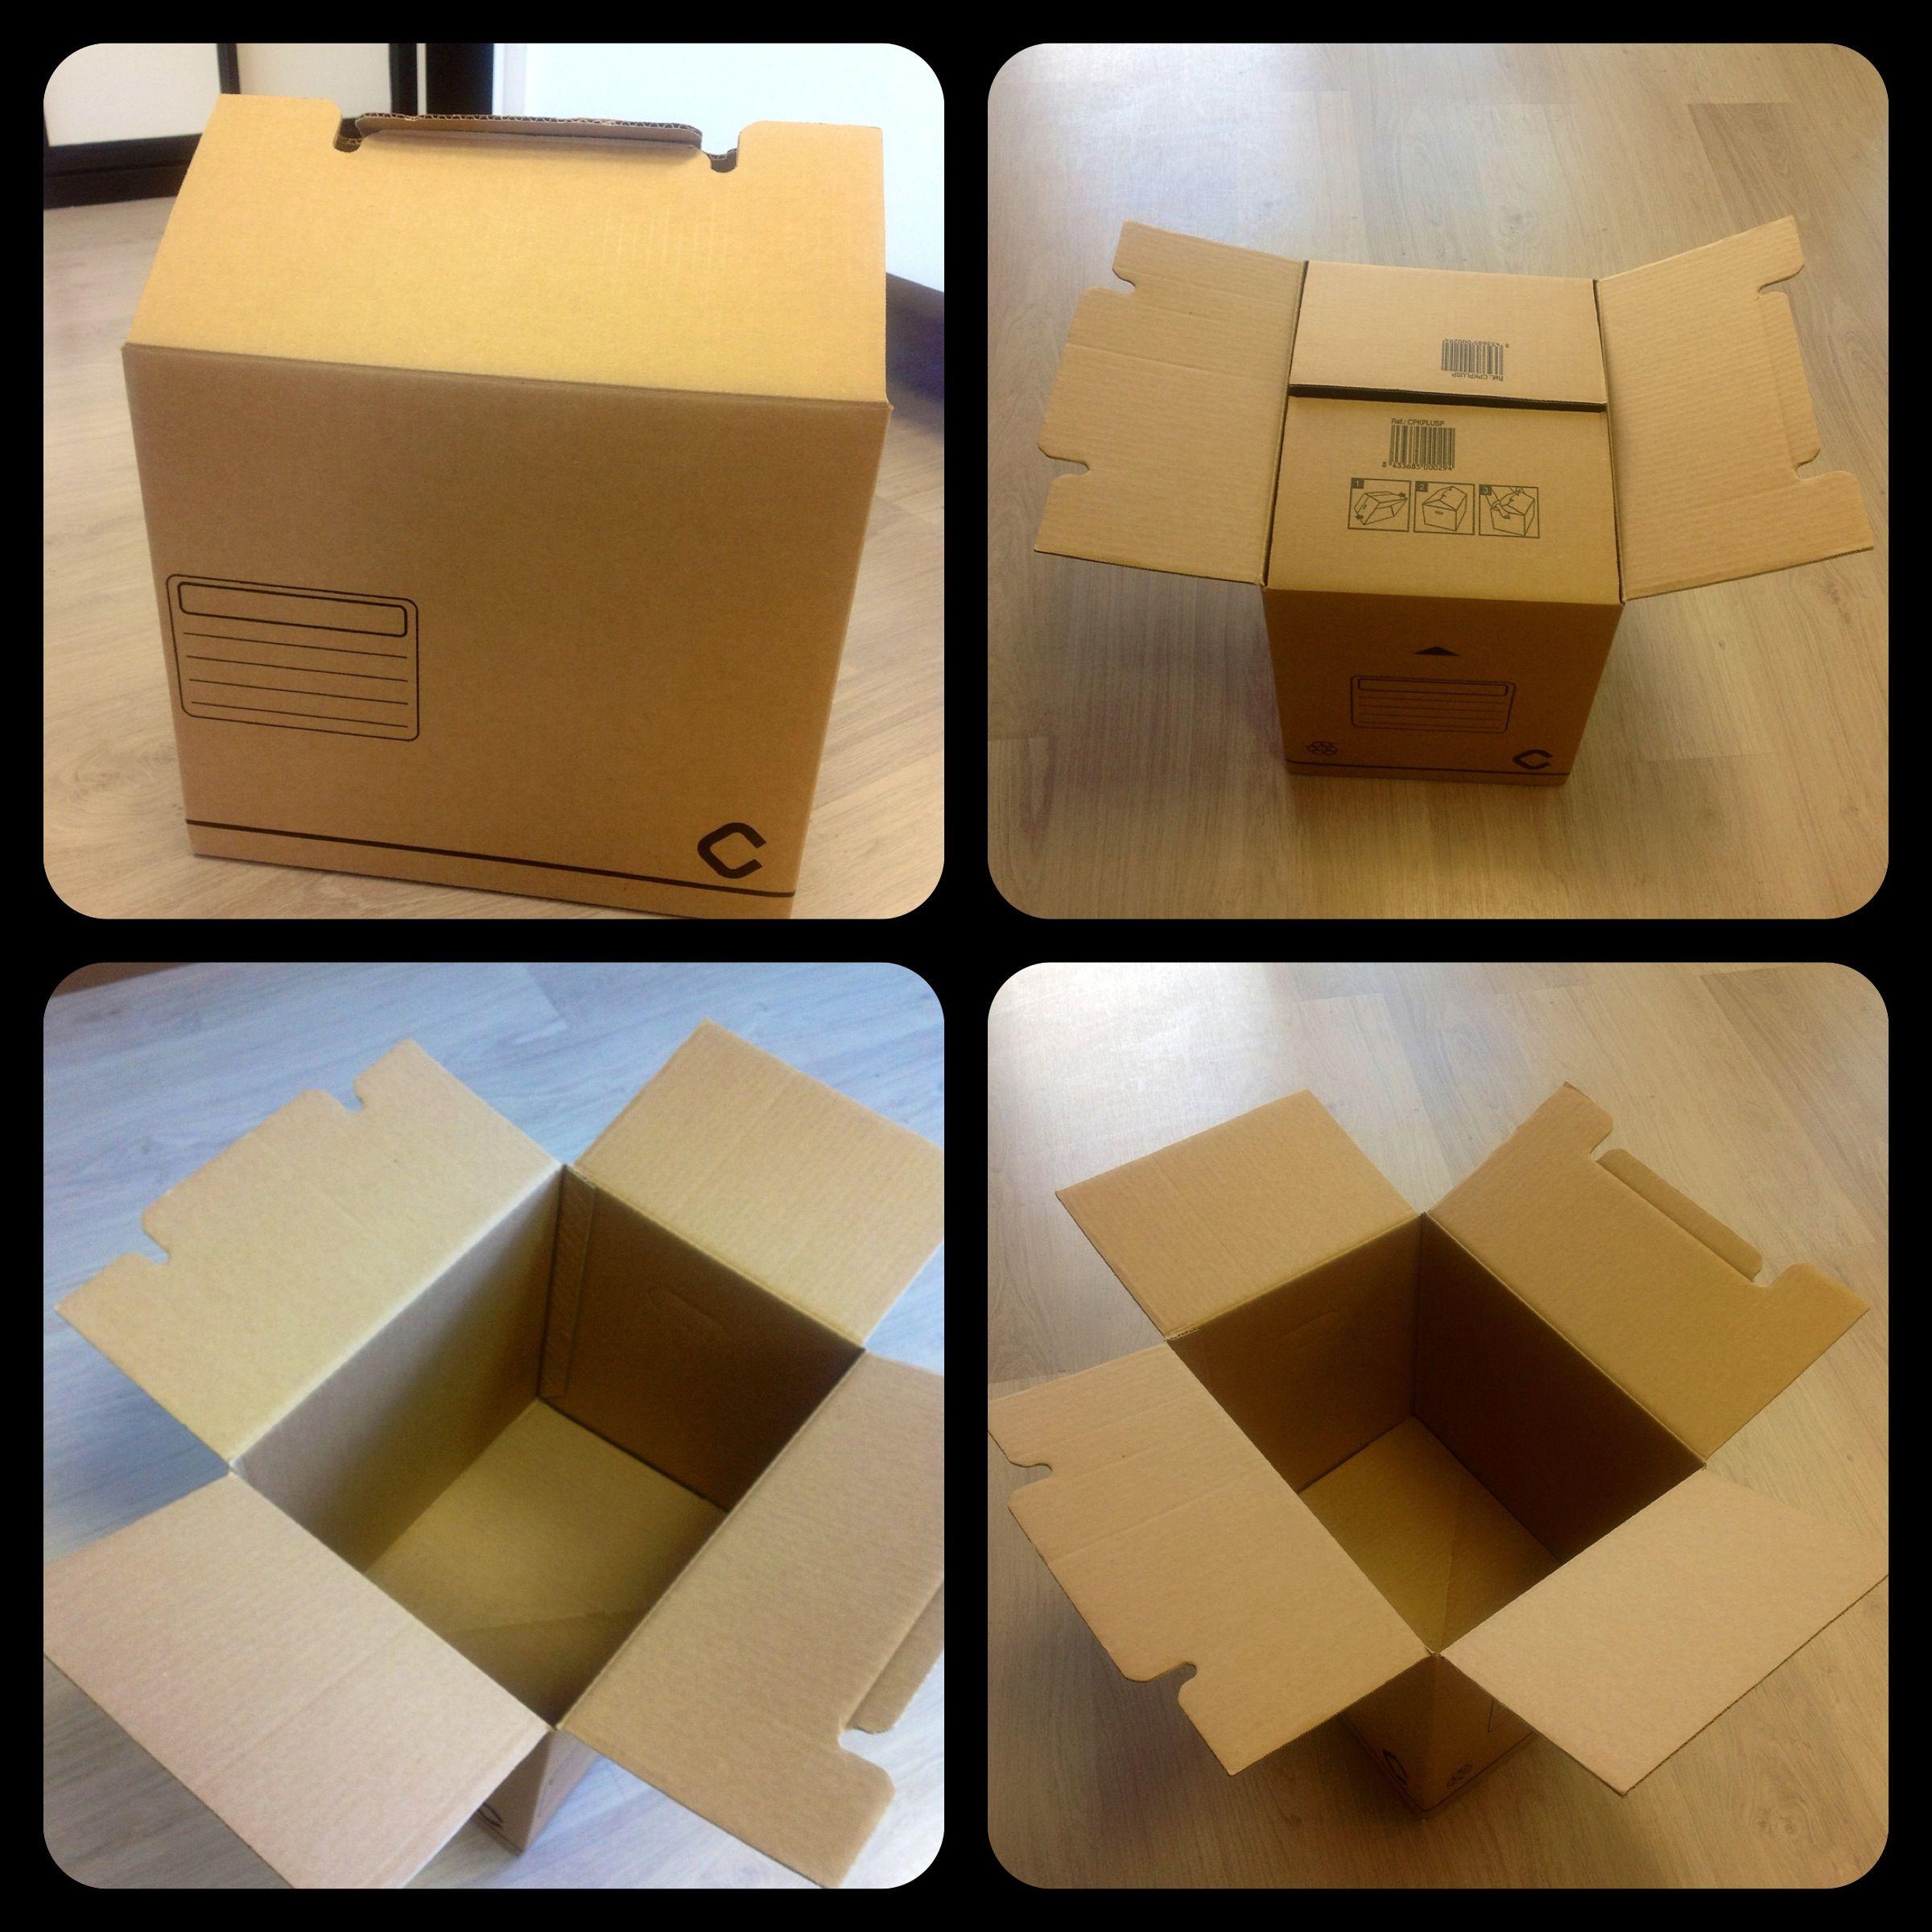 M s de 25 ideas incre bles sobre cajas mudanza en for Cajas para mudanzas